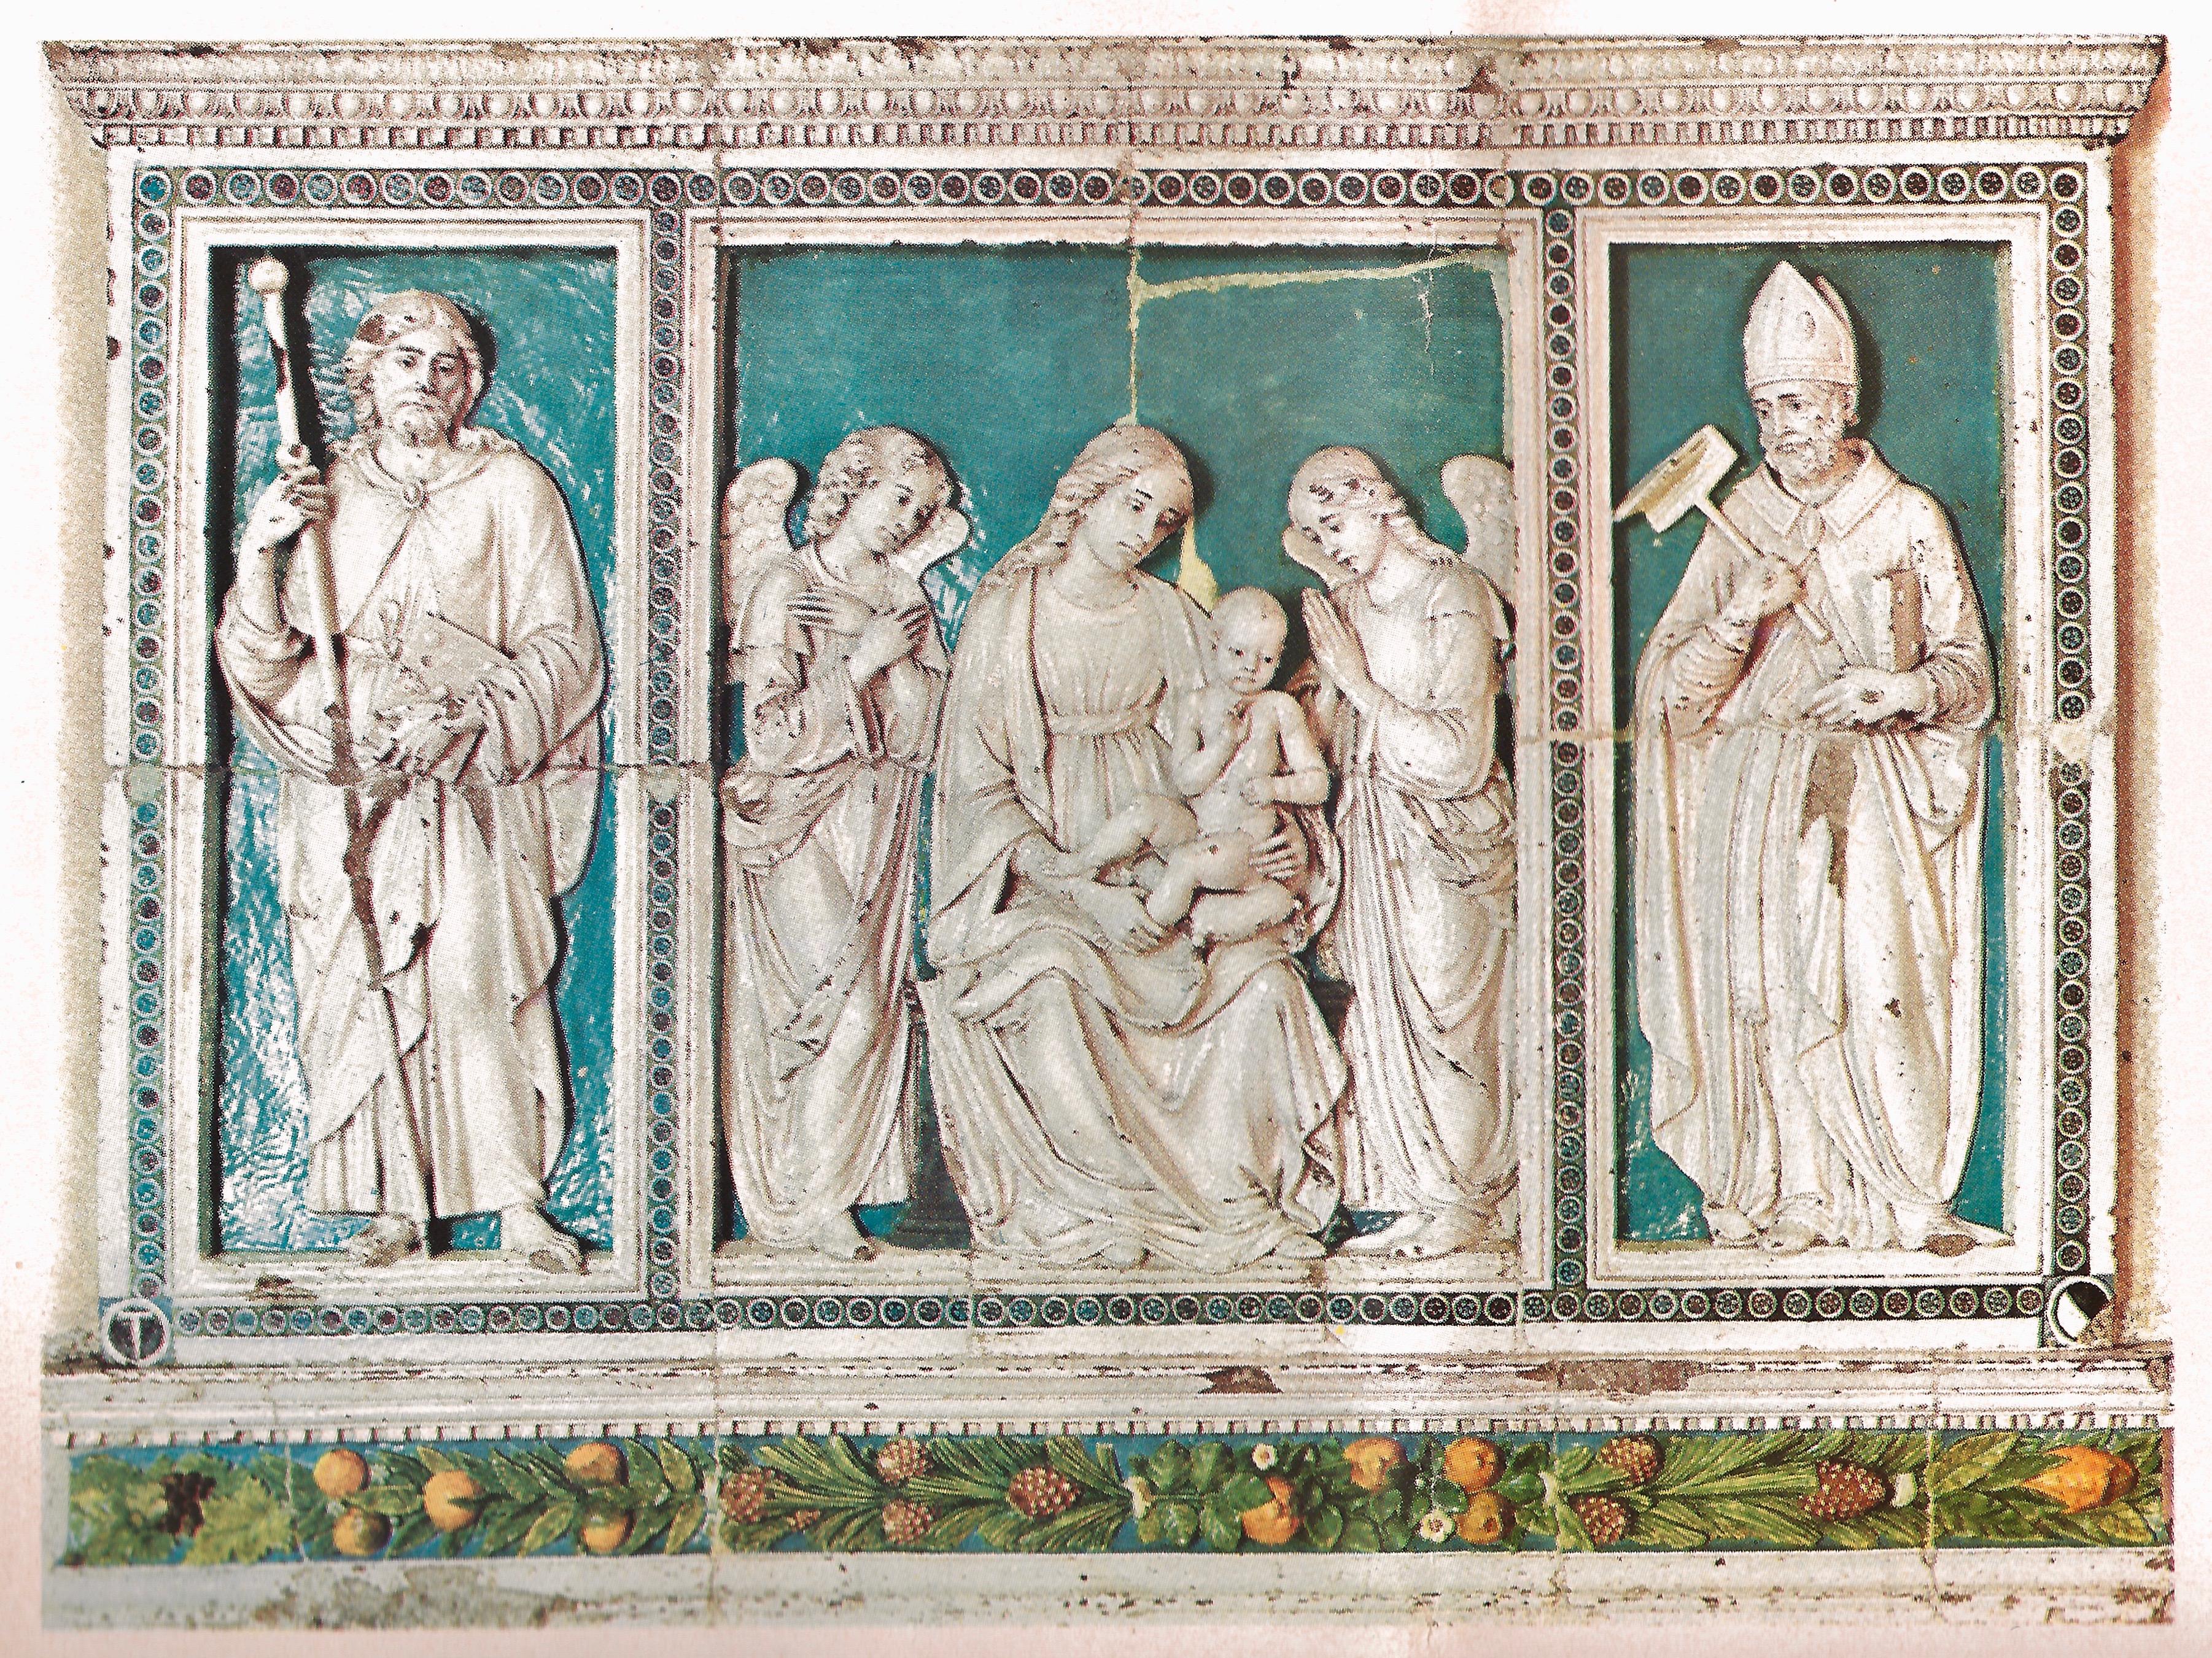 trittico luca della robbia restauro cattedrale giubileo pescia